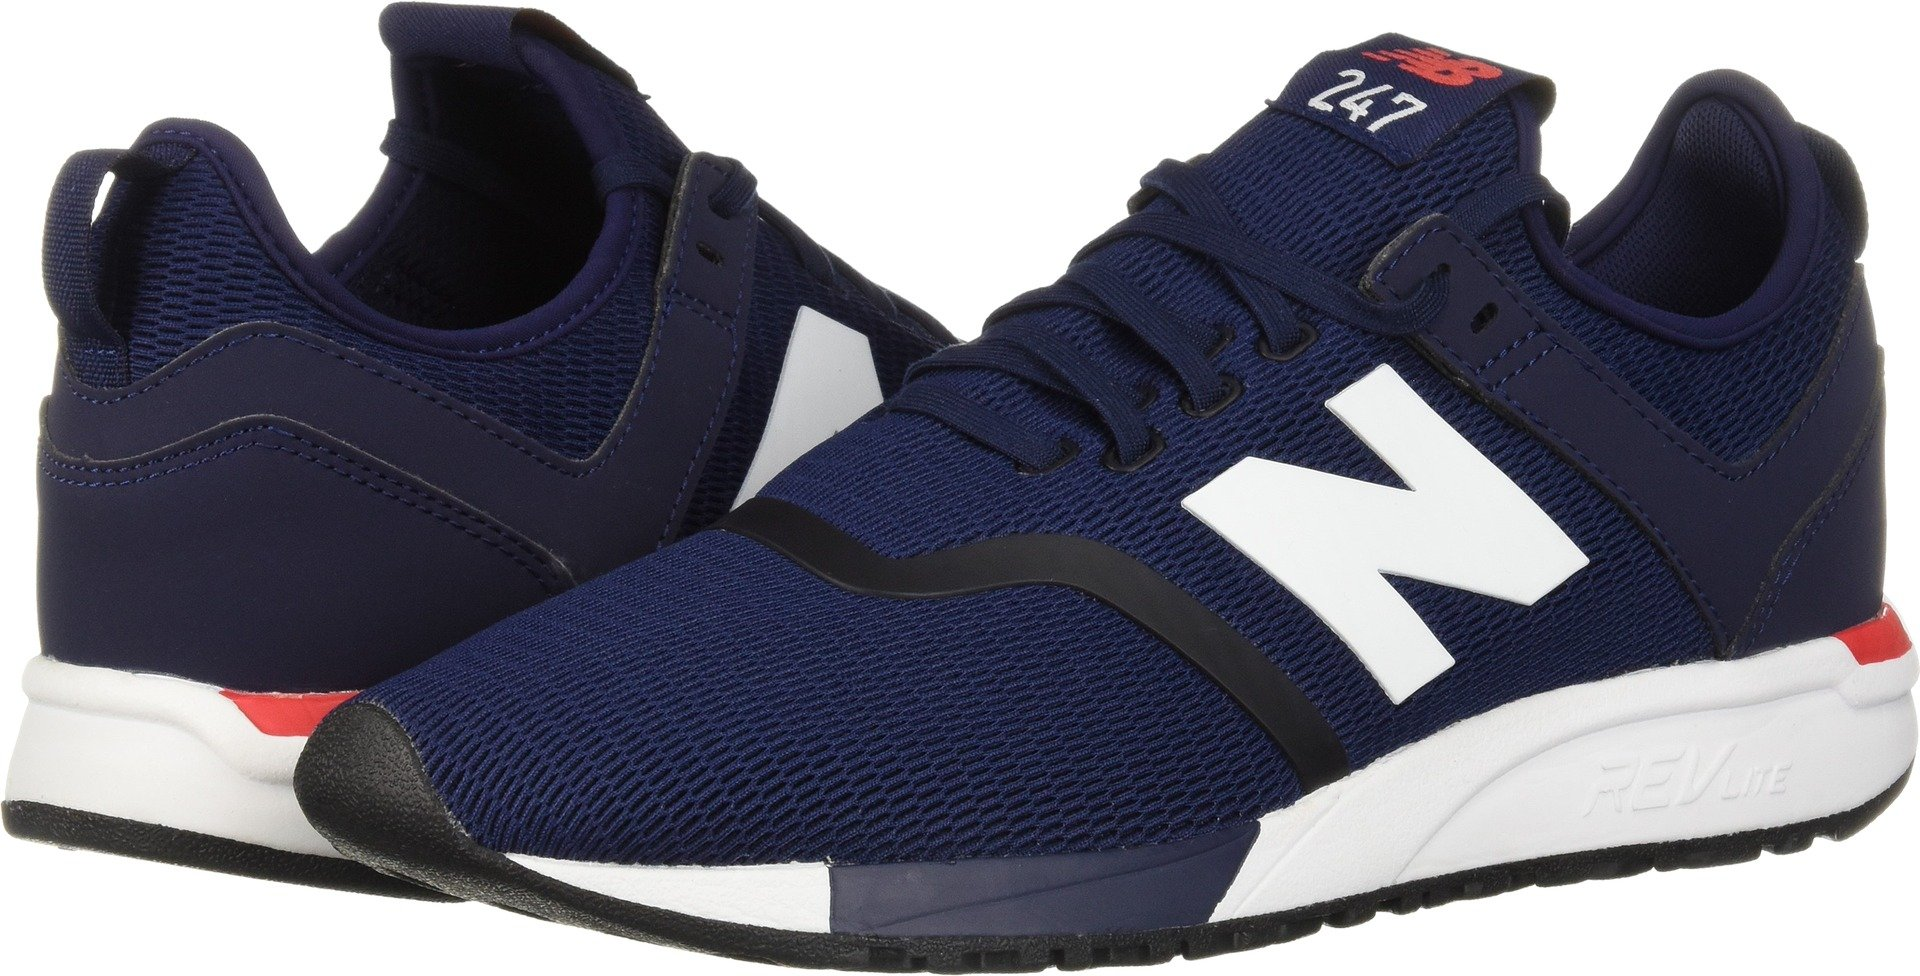 New Balance Men's 247d1 Sneaker, Pigment/Cerise, 11.5 D US